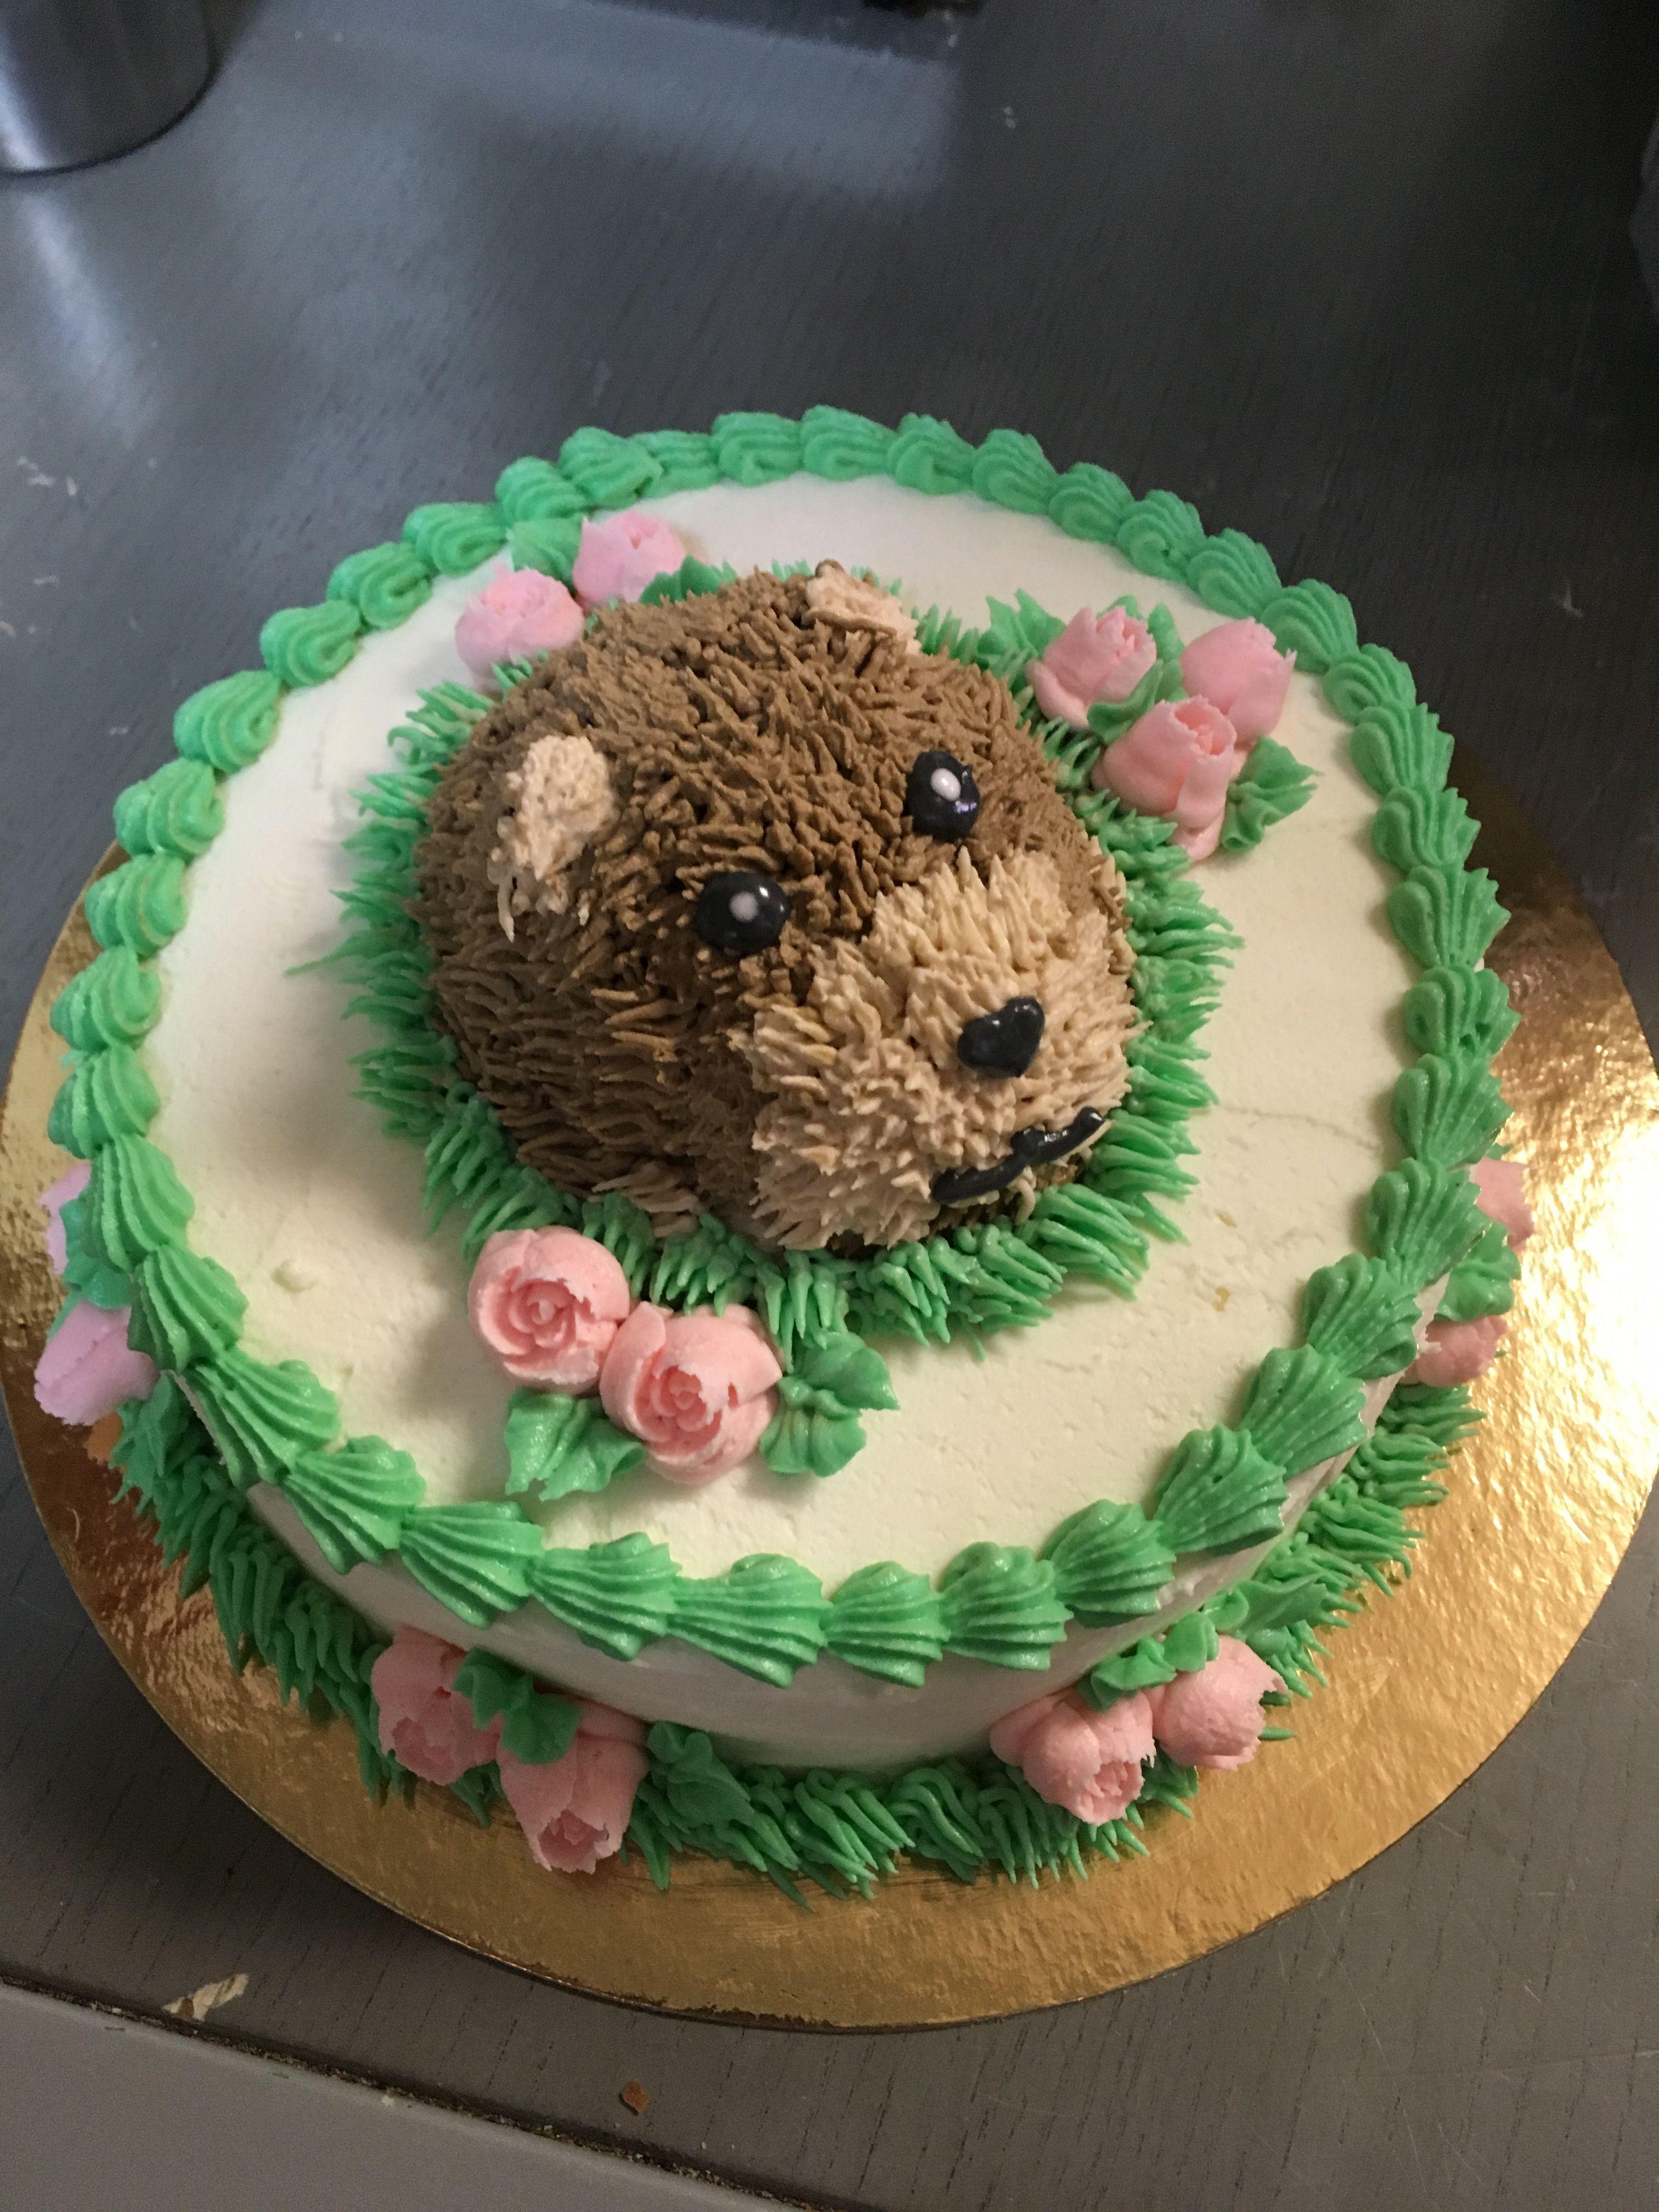 Groundhog Day Themed Birthday Cake